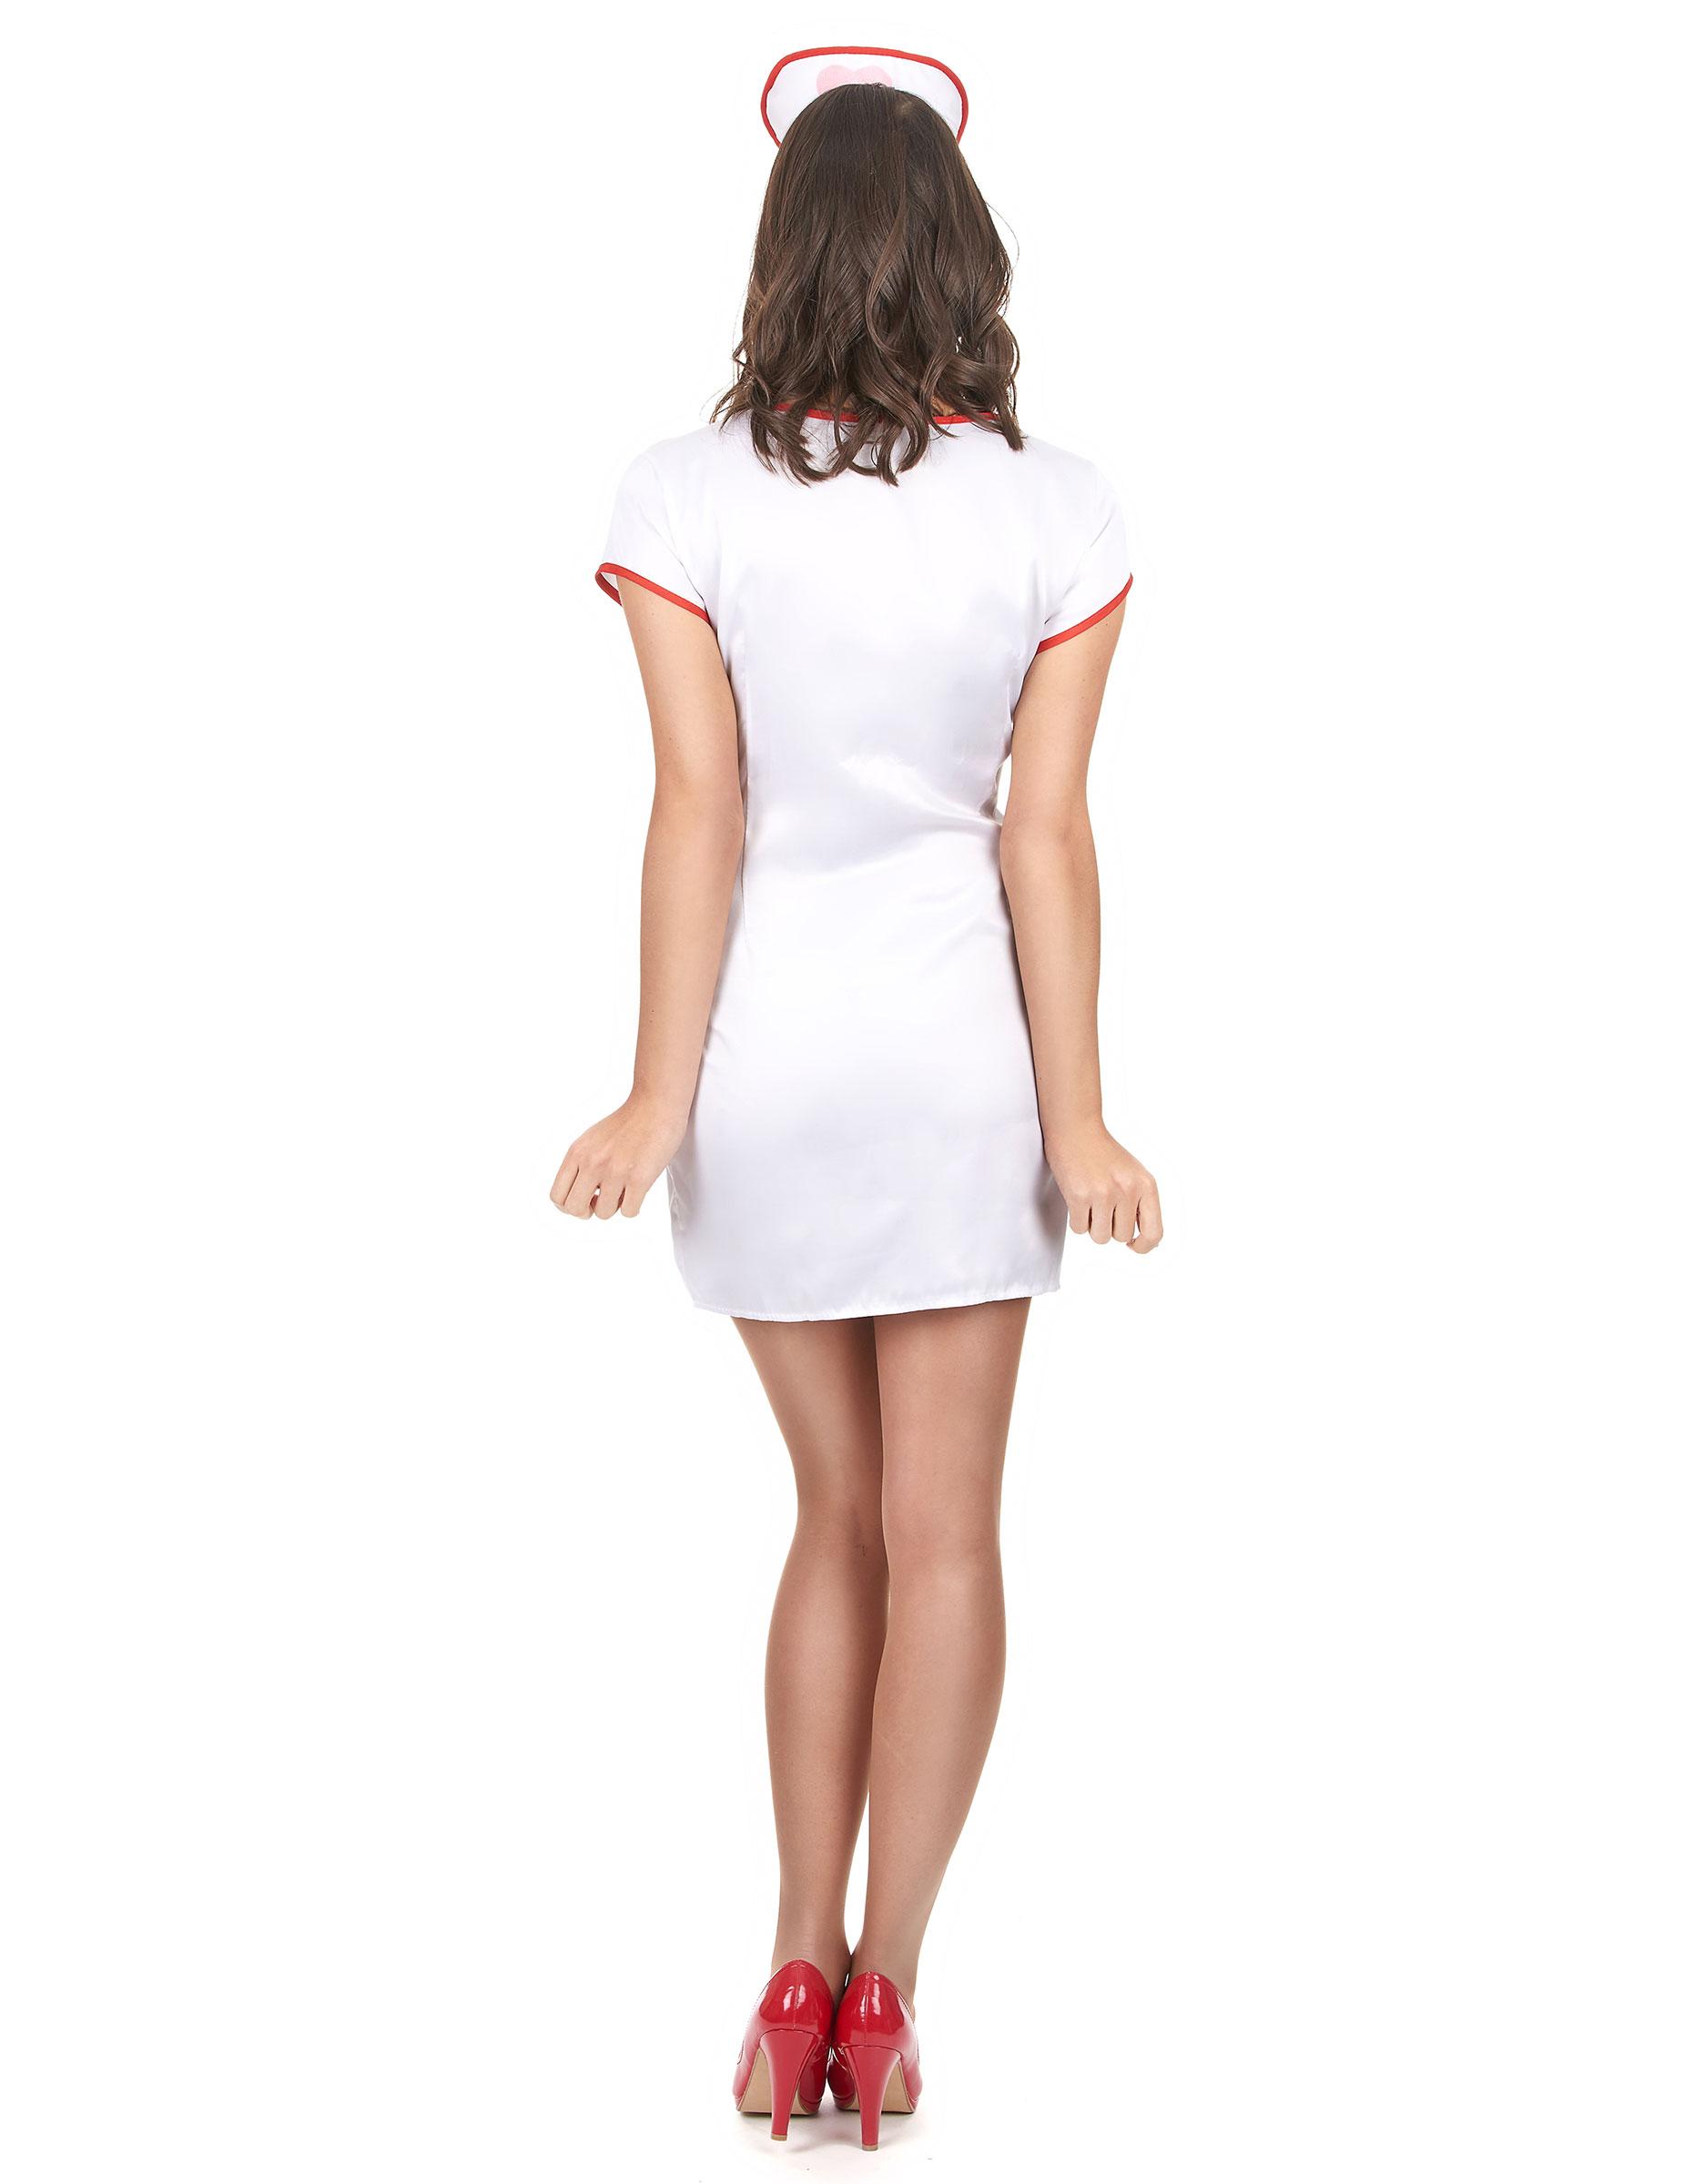 Sexet sygeplejerskekostume Kvinde, køb Kostumer til voksne